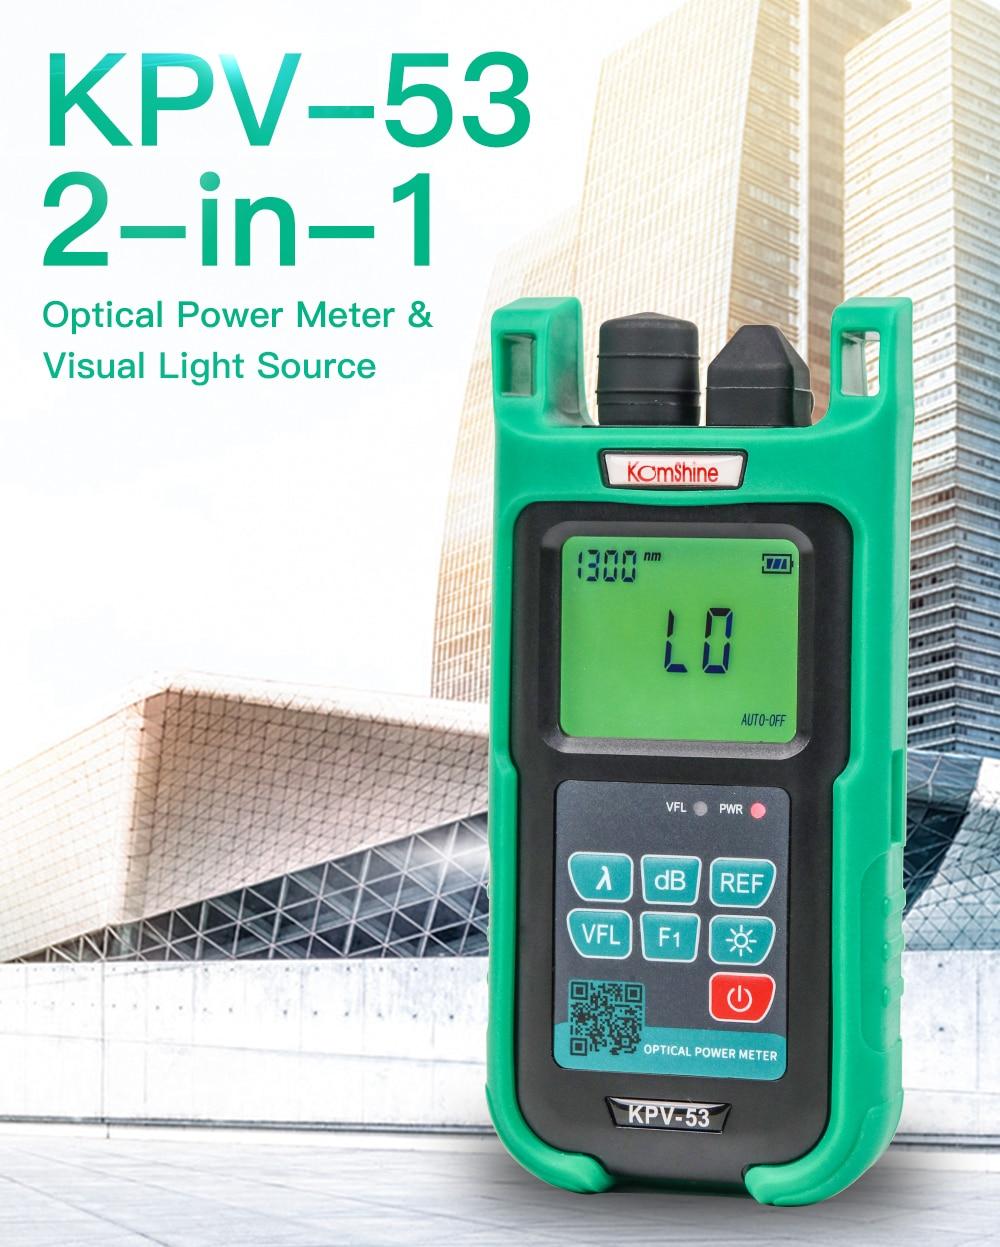 Komshine_KPV-53_Fiber_optical_power_meter_equal_to_EXFO_power_meter_13